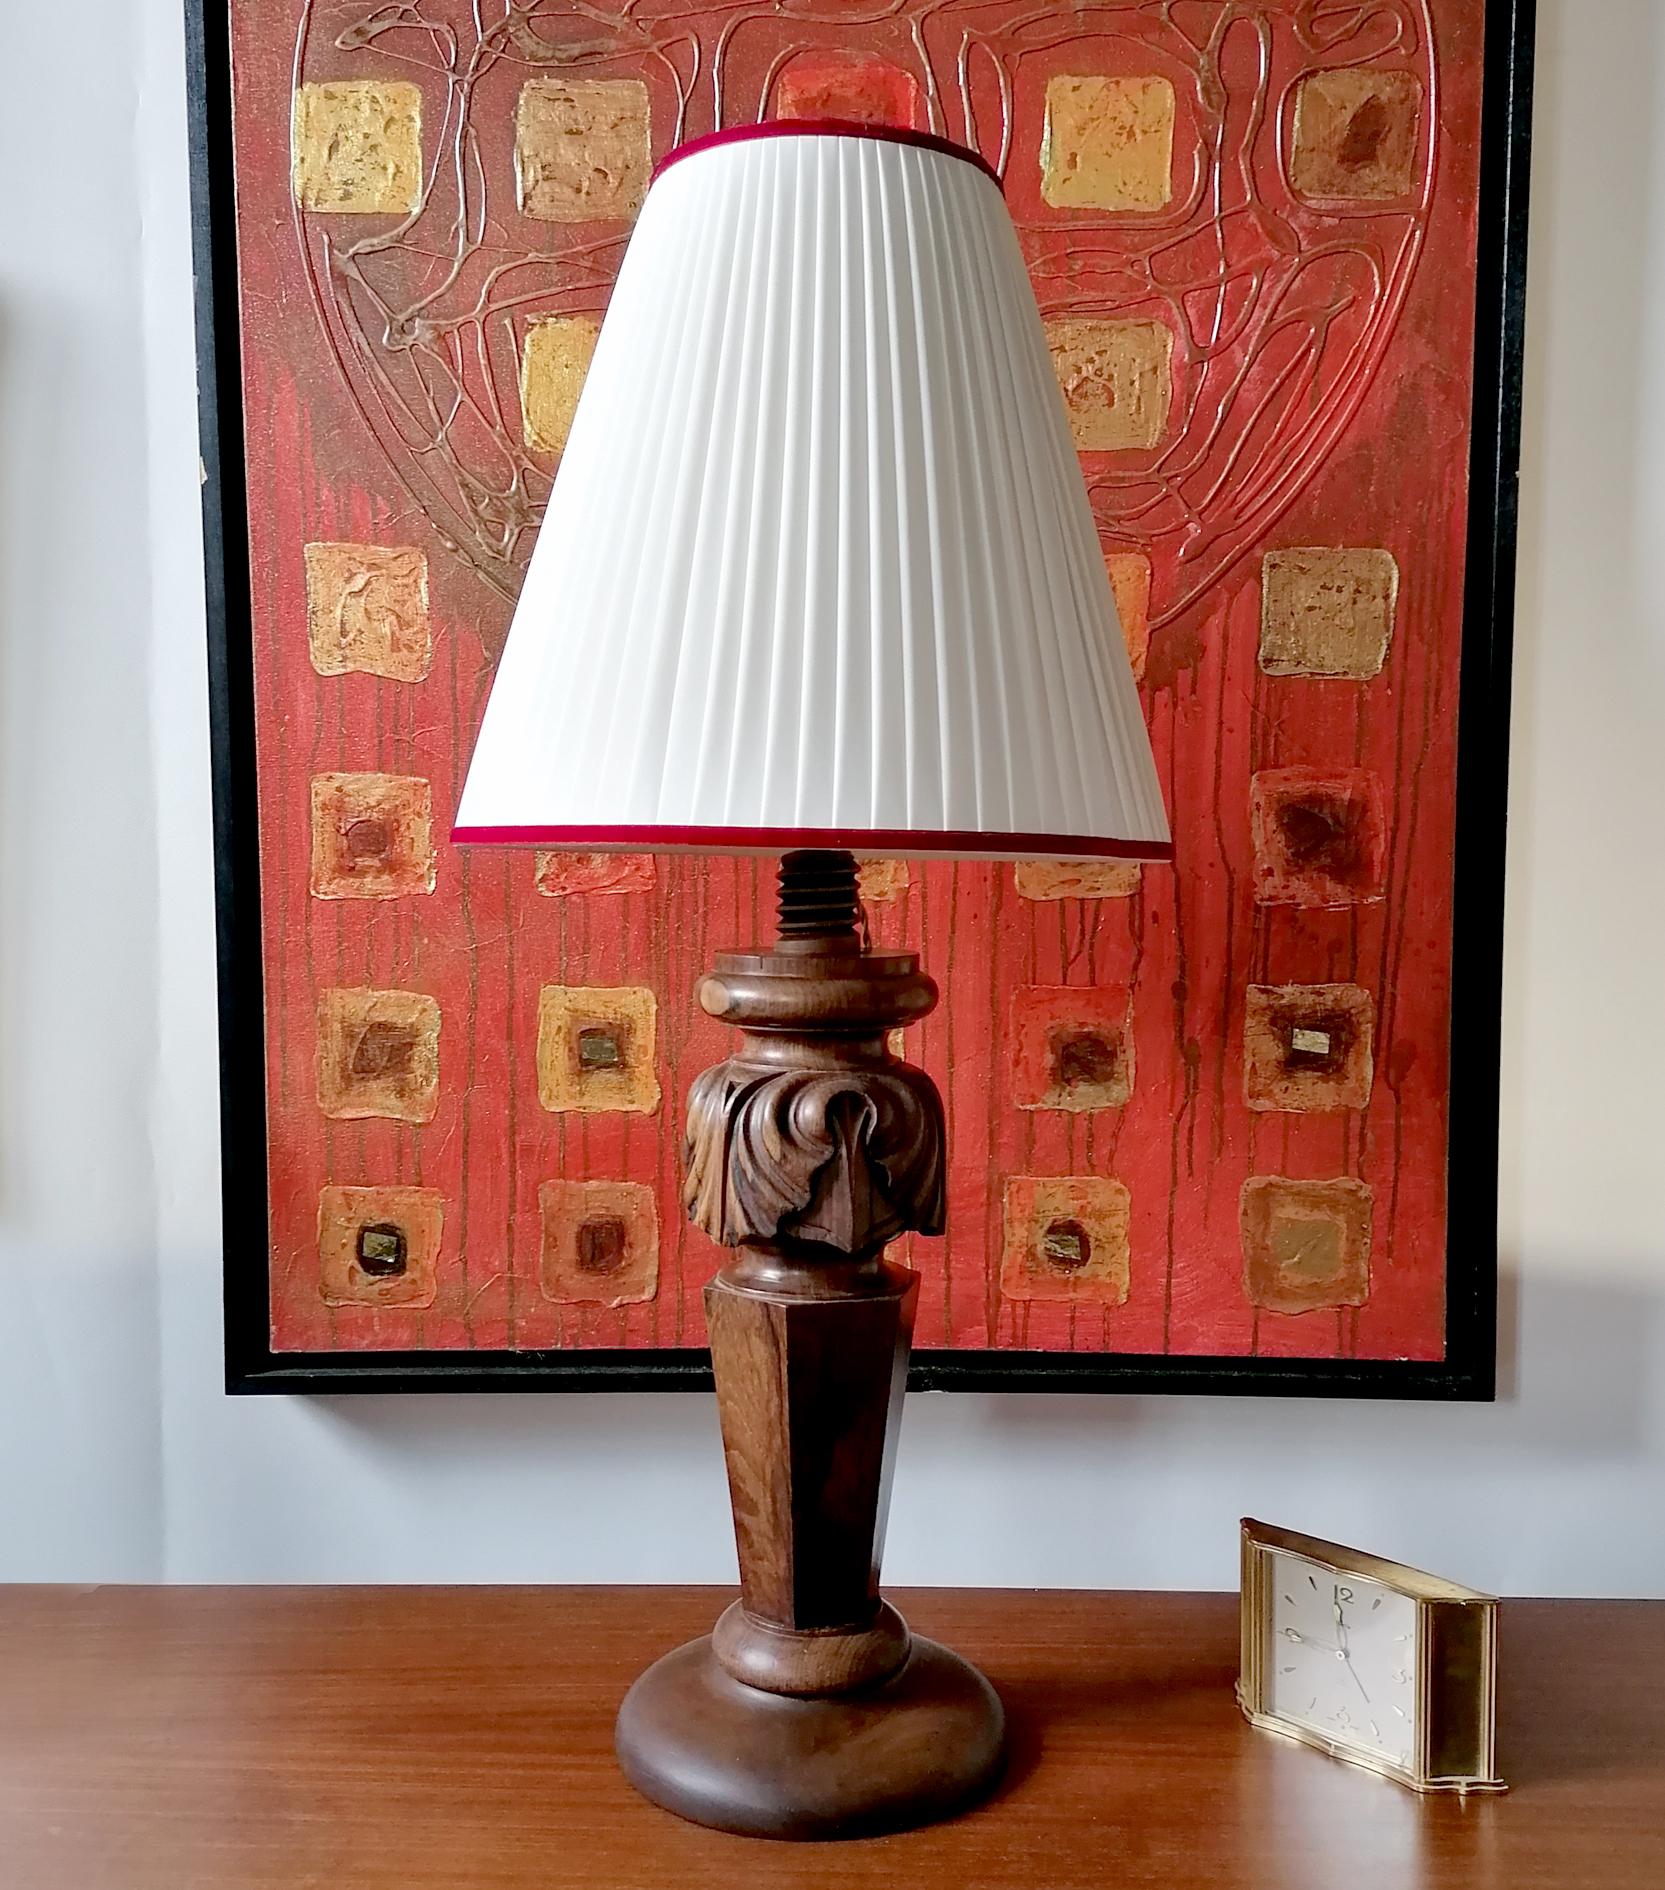 Lampada artigianale in legno